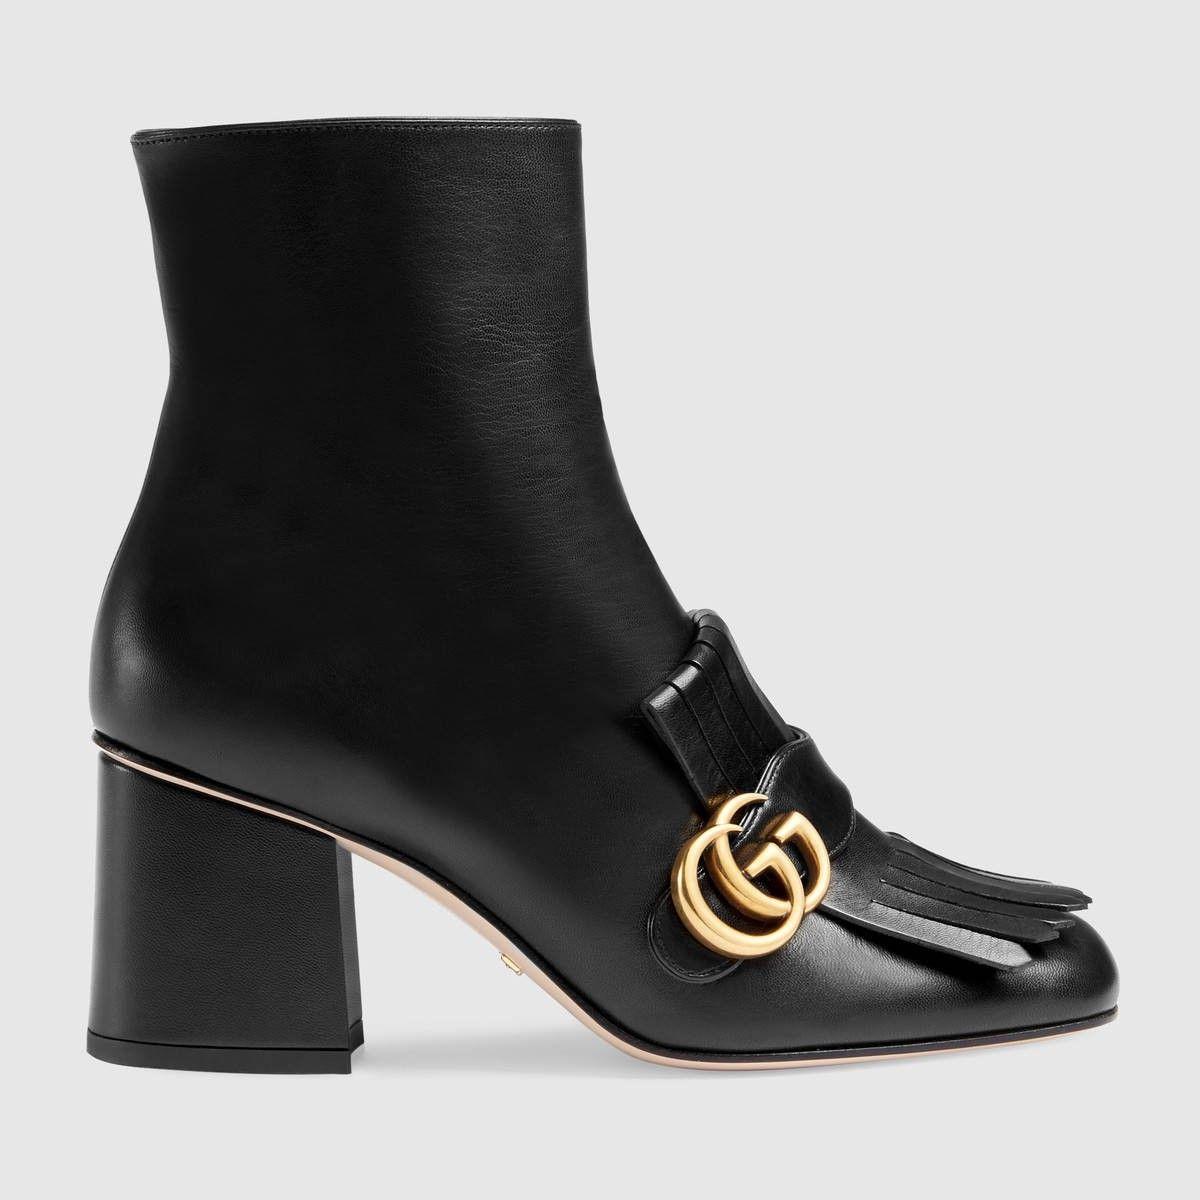 FOOTWEAR - Boots Gucci DVshN